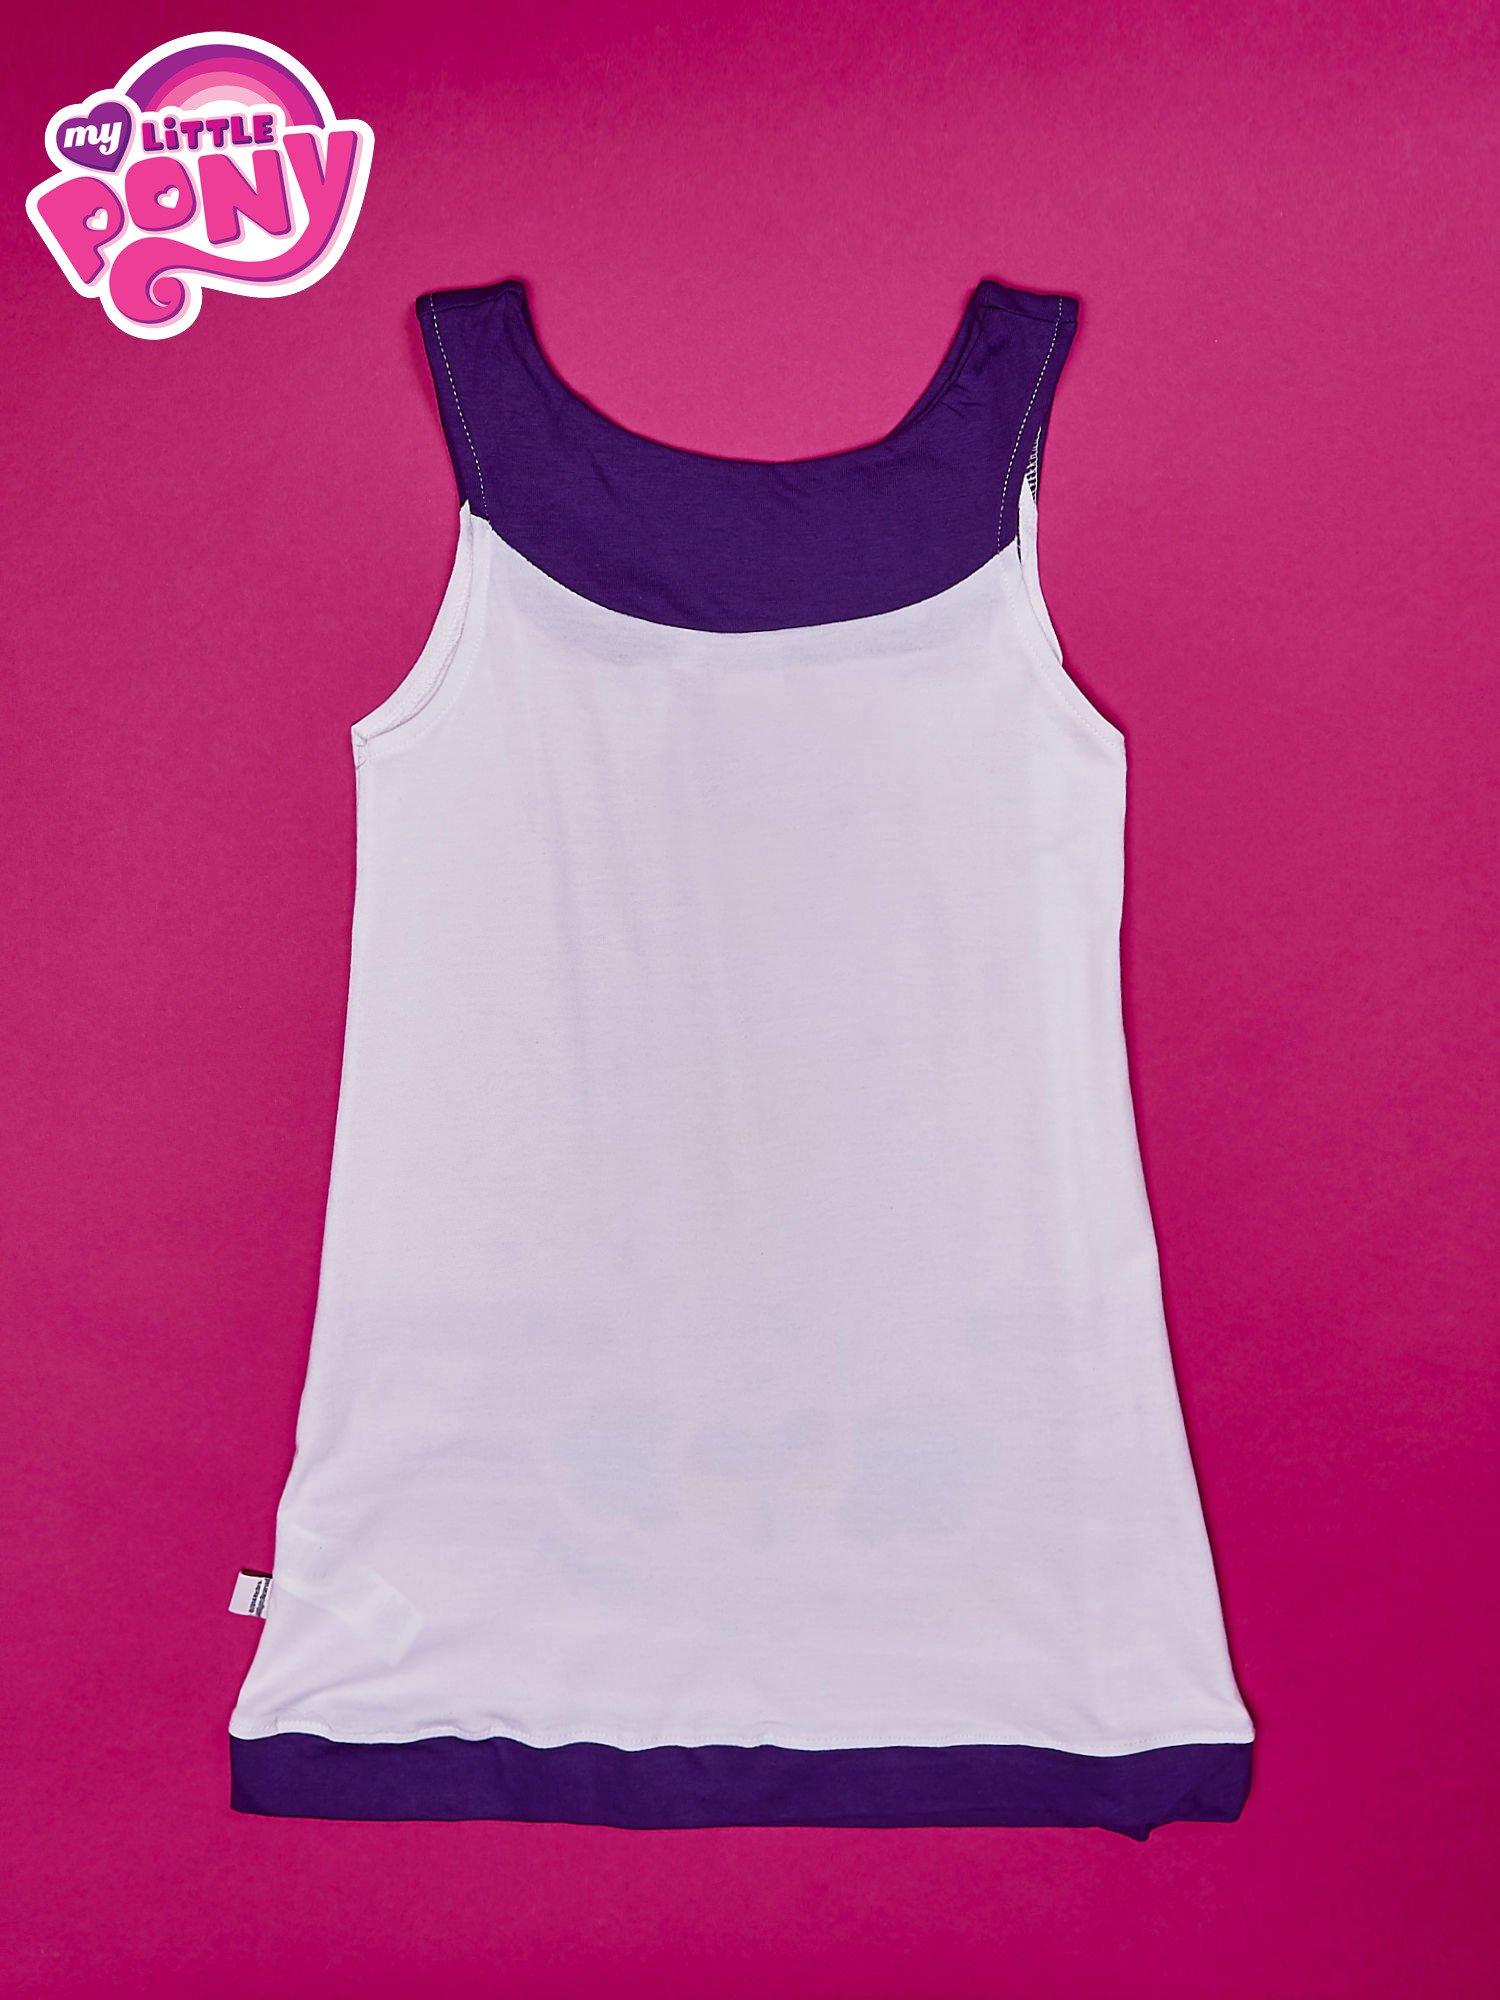 Fioletowa sukienka dla dziewczynki bez rękawów MY LITTLE PONY                                  zdj.                                  2